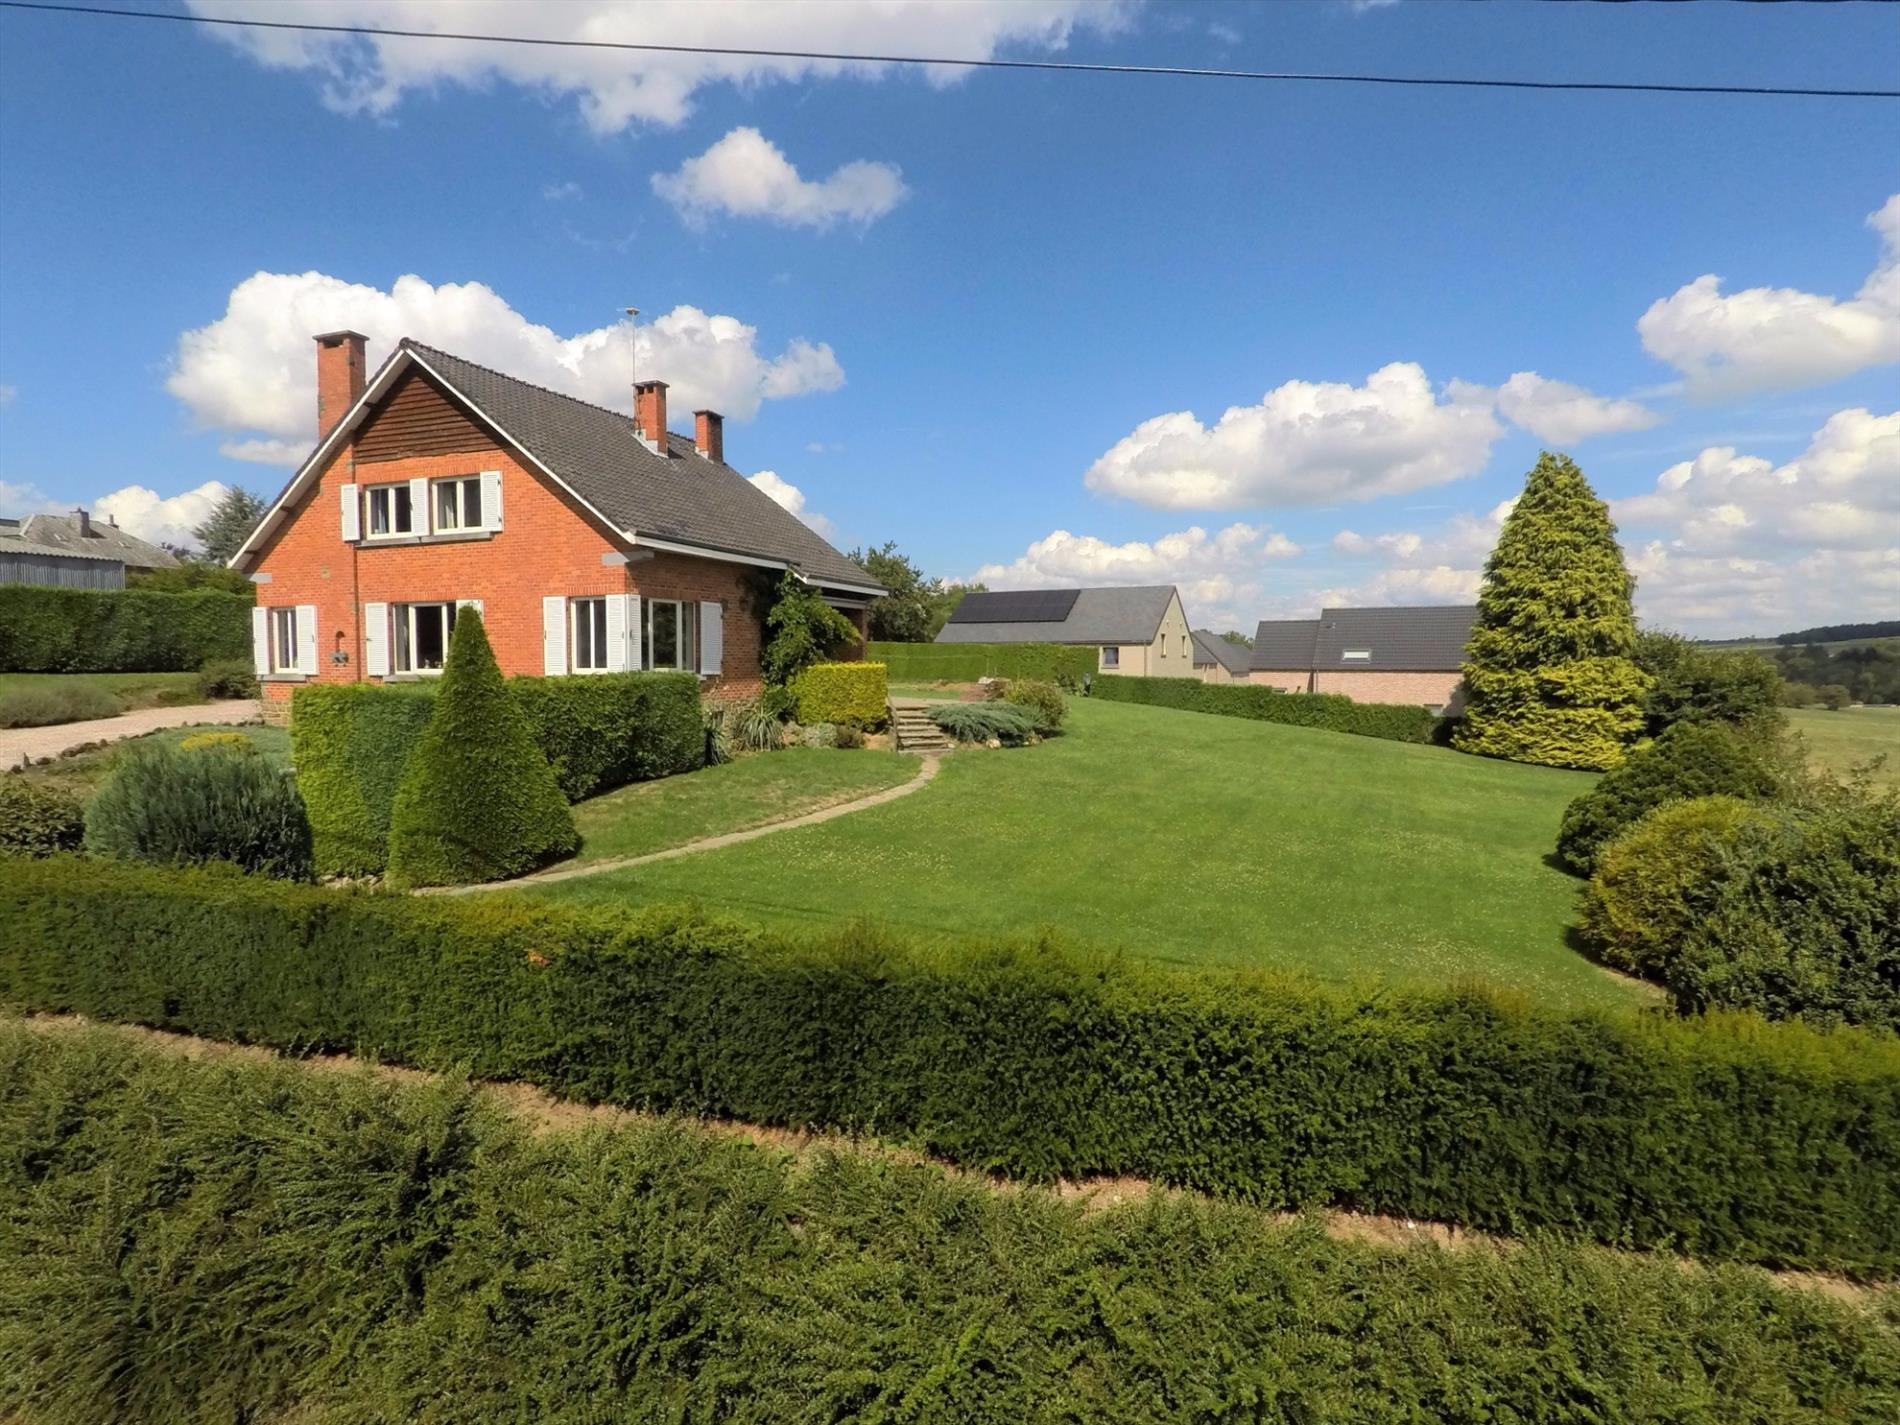 Condrogest immobilier maison terrain appartement achat vente for Achat maison belgique frais